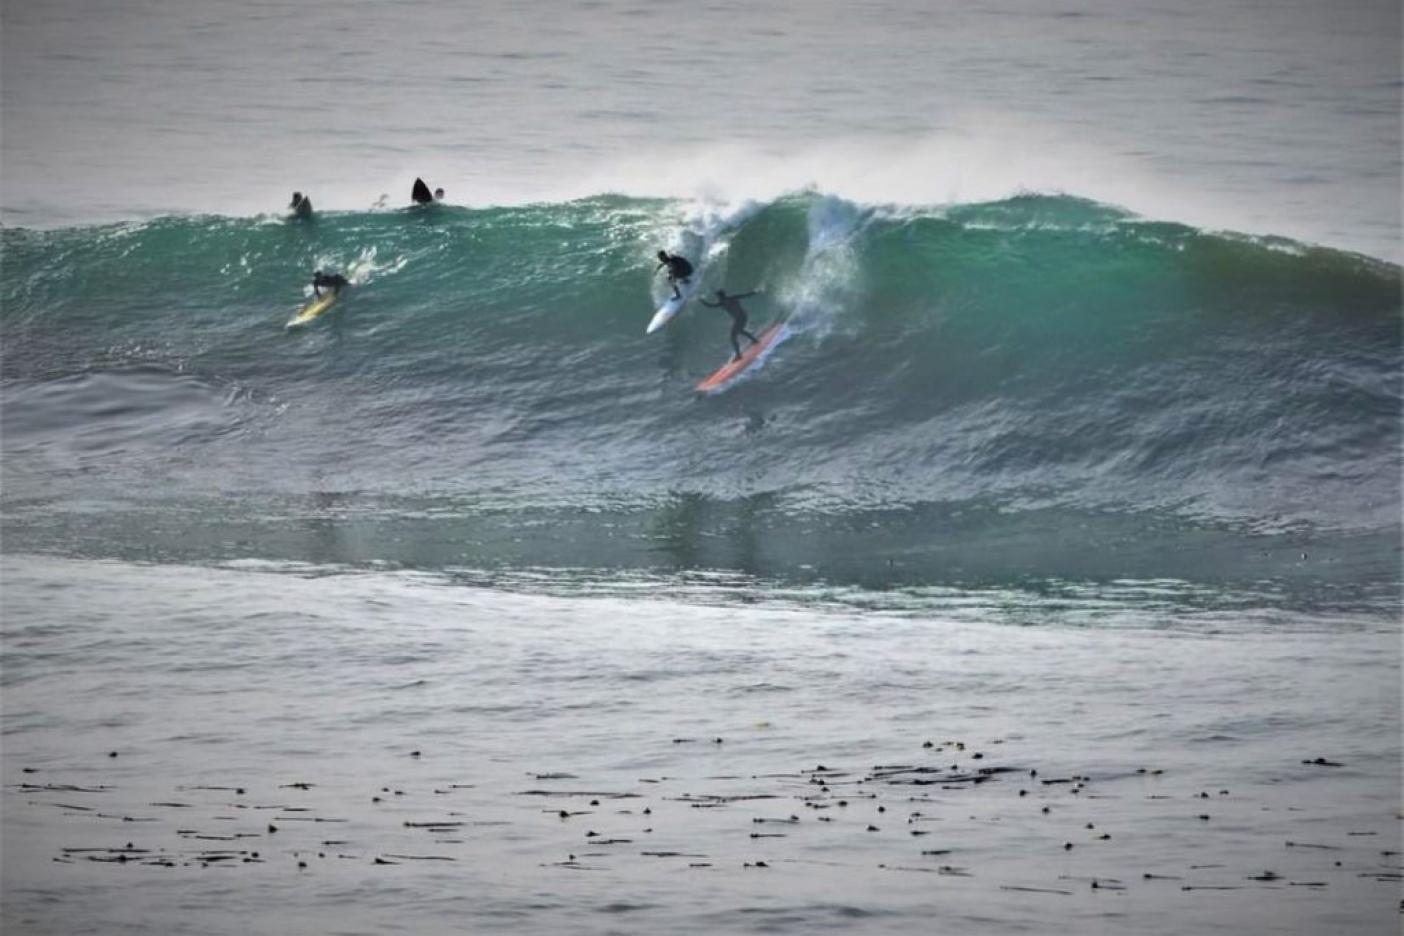 3時間でやっと1つ波に乗れたときのうれしさ。手術を控え、この冬はどんな波でもいつもより楽しかった。Photo: J. Alec Smith